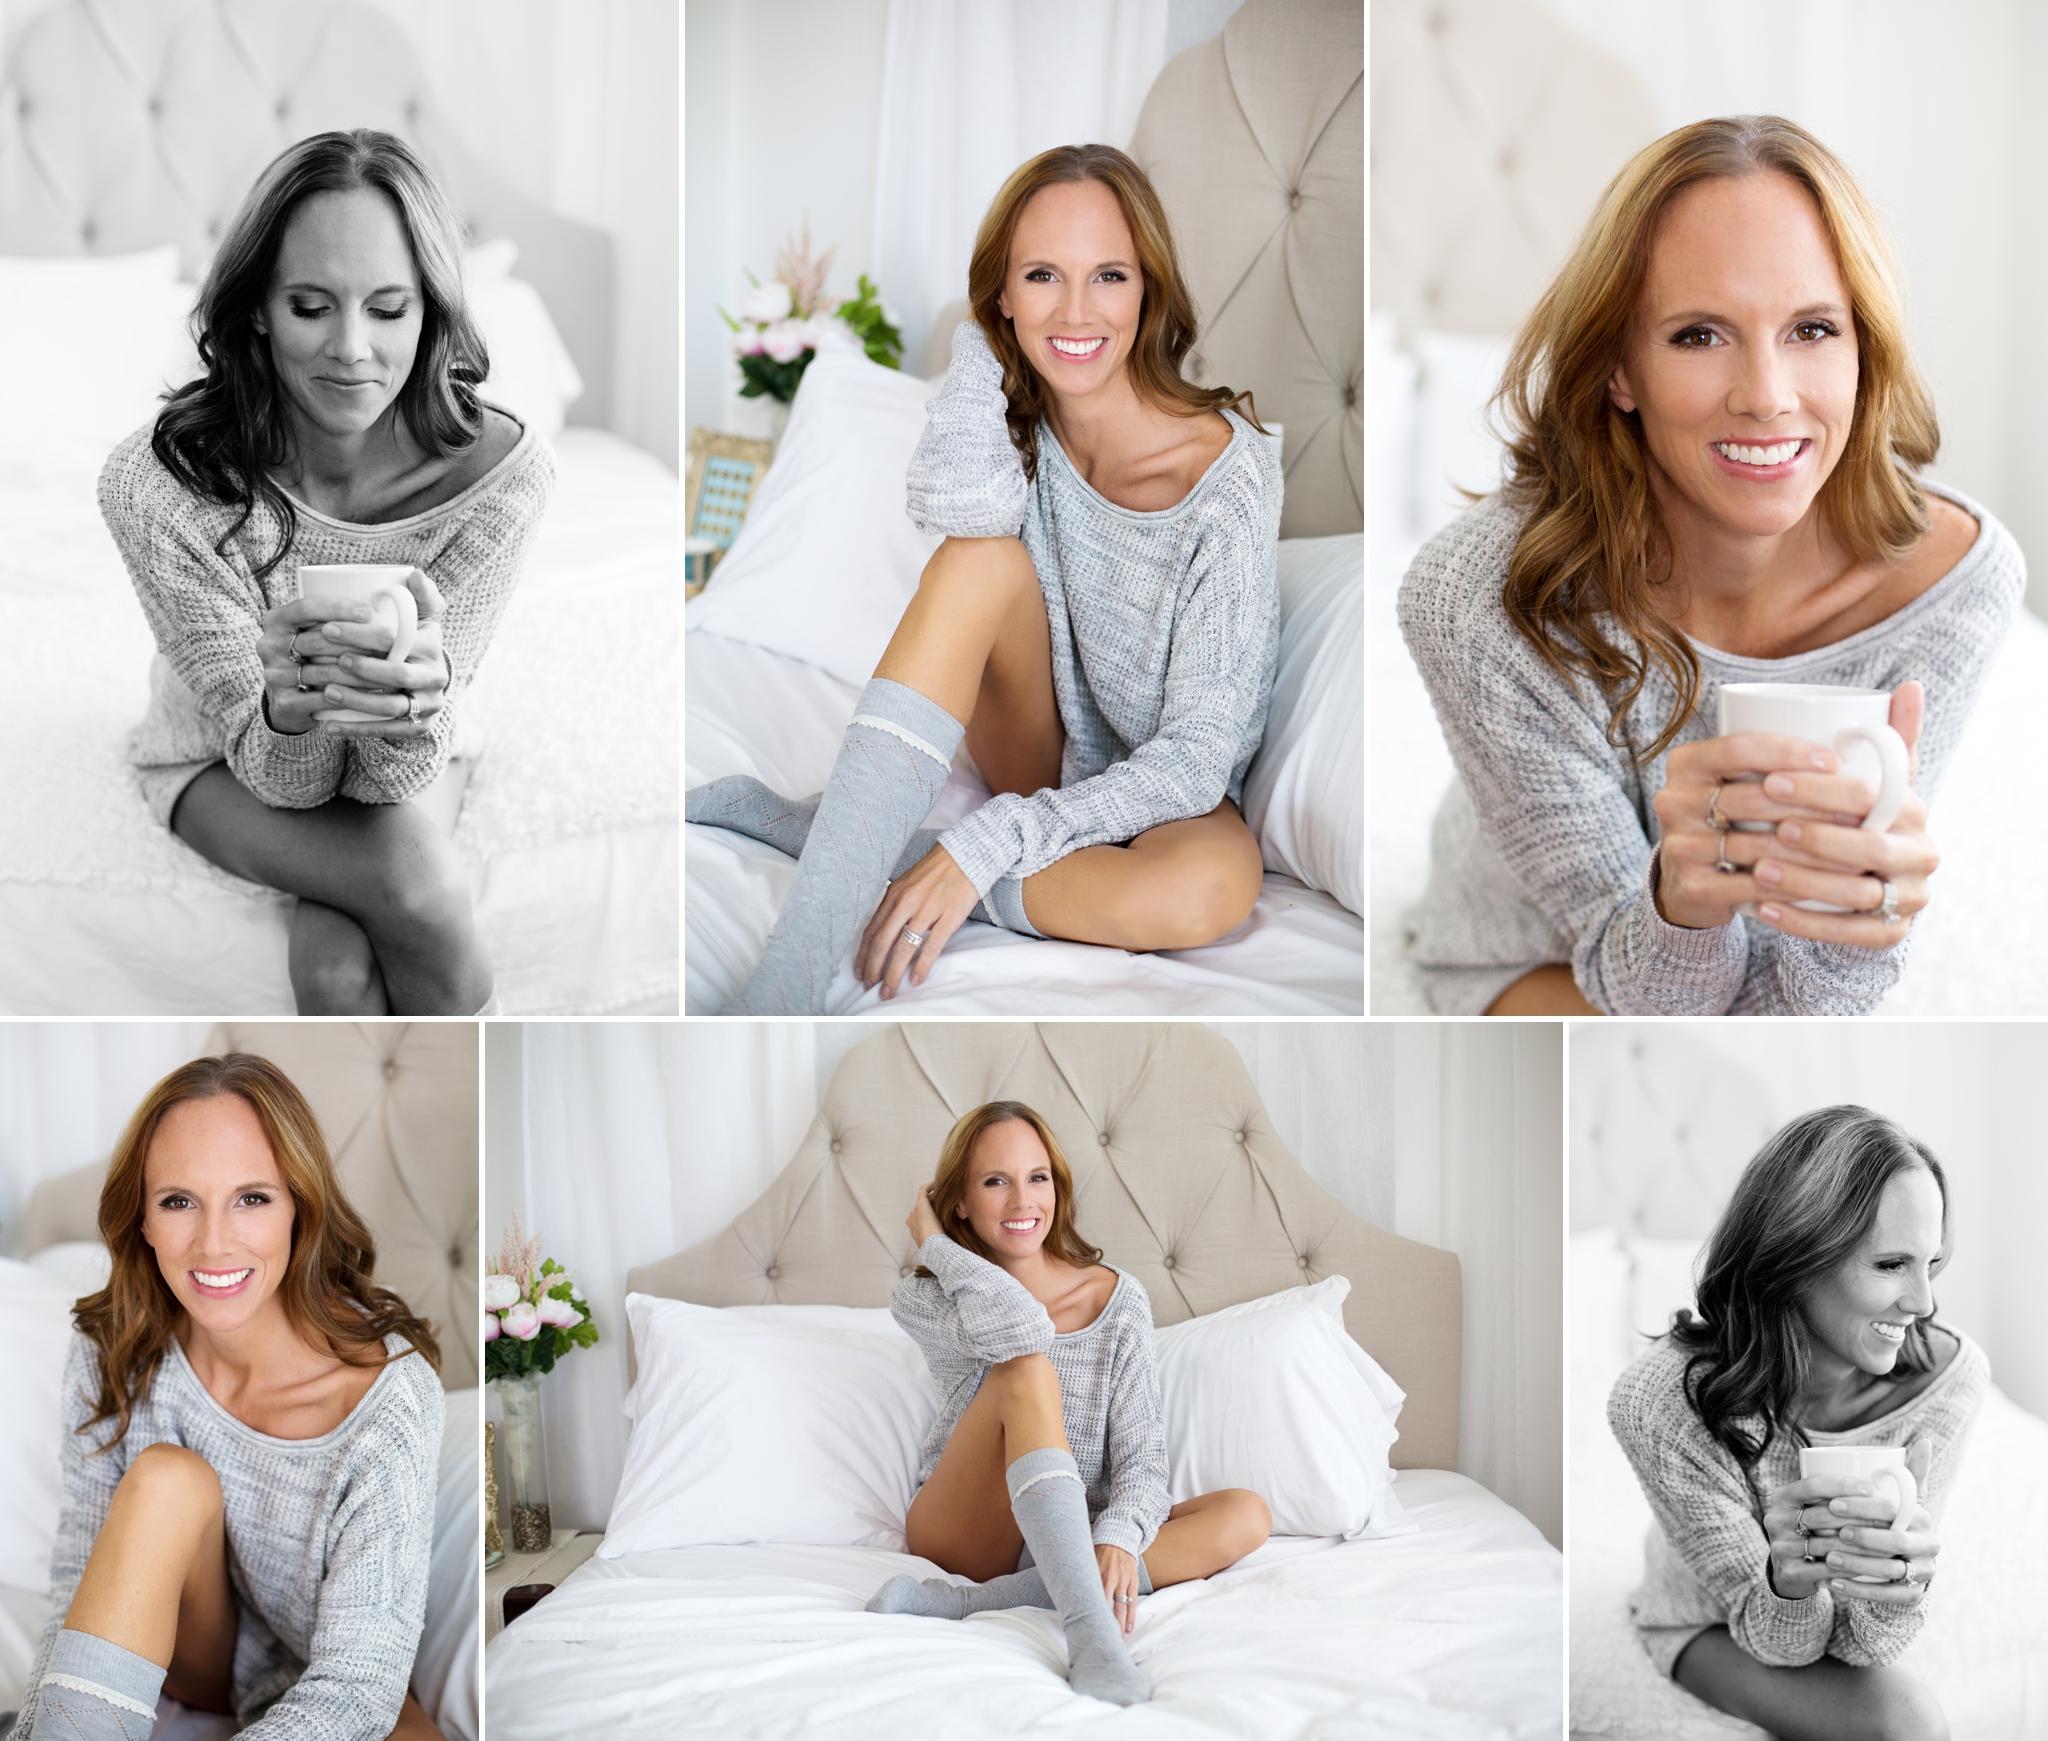 Sasha Dale Photography, surrogate mother, boudoir portraits, cozy sweater